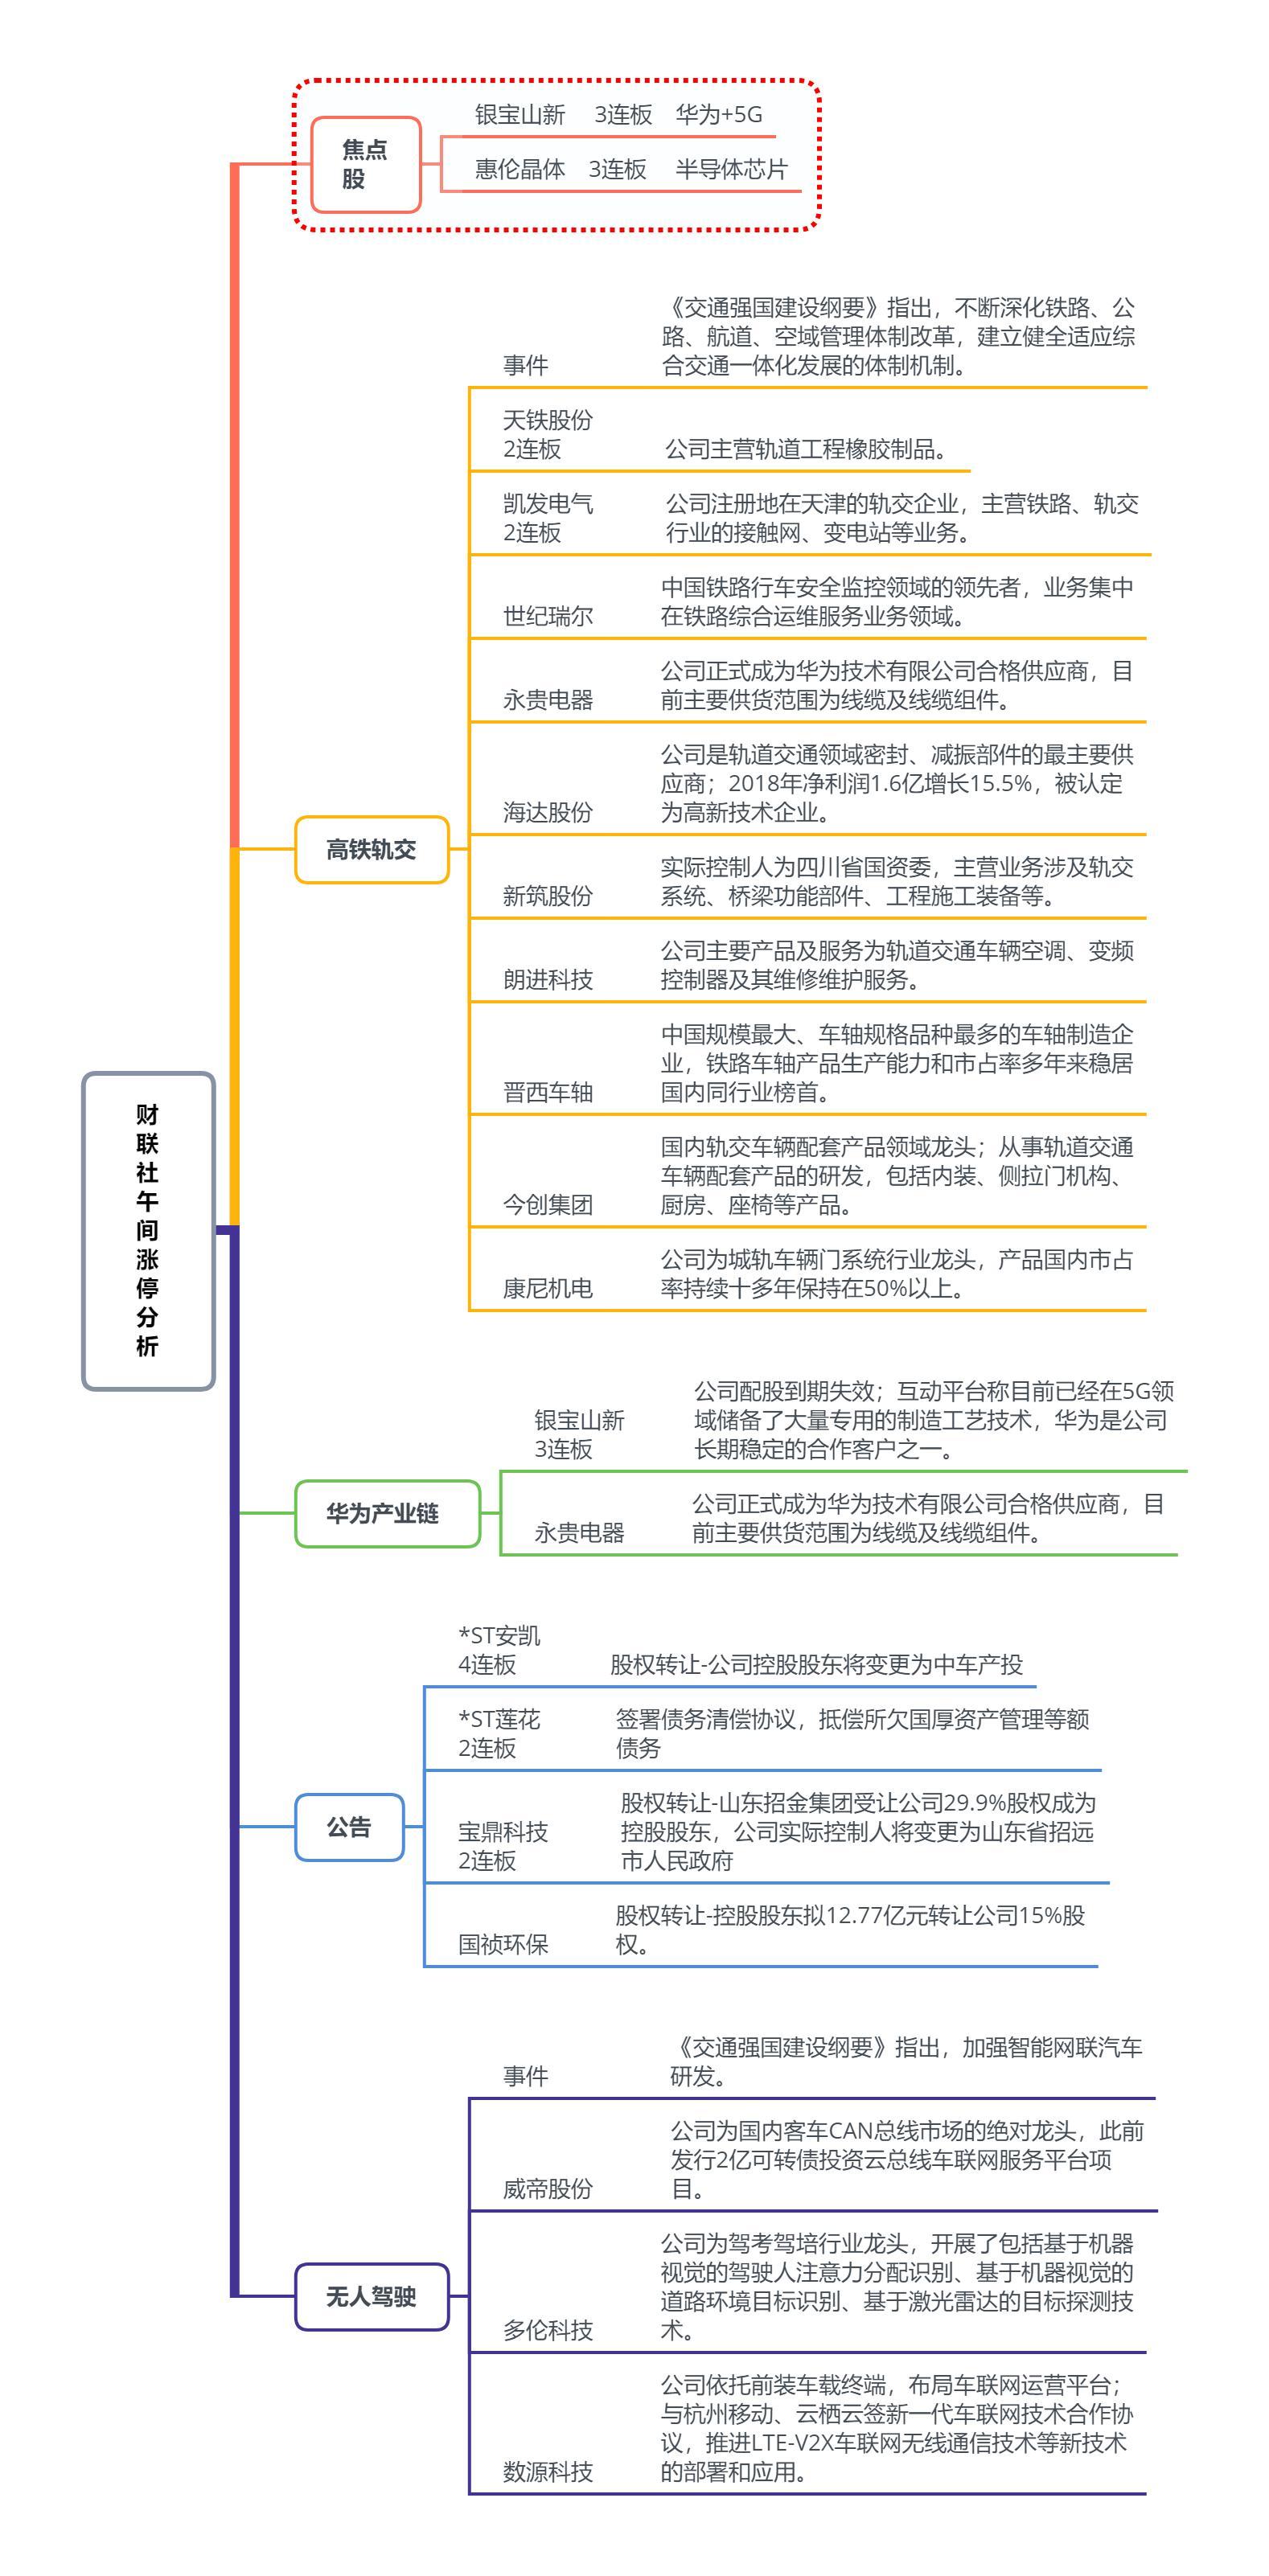 【财联社午报】交通强国概念掀涨停潮 大盘维持结构性行情